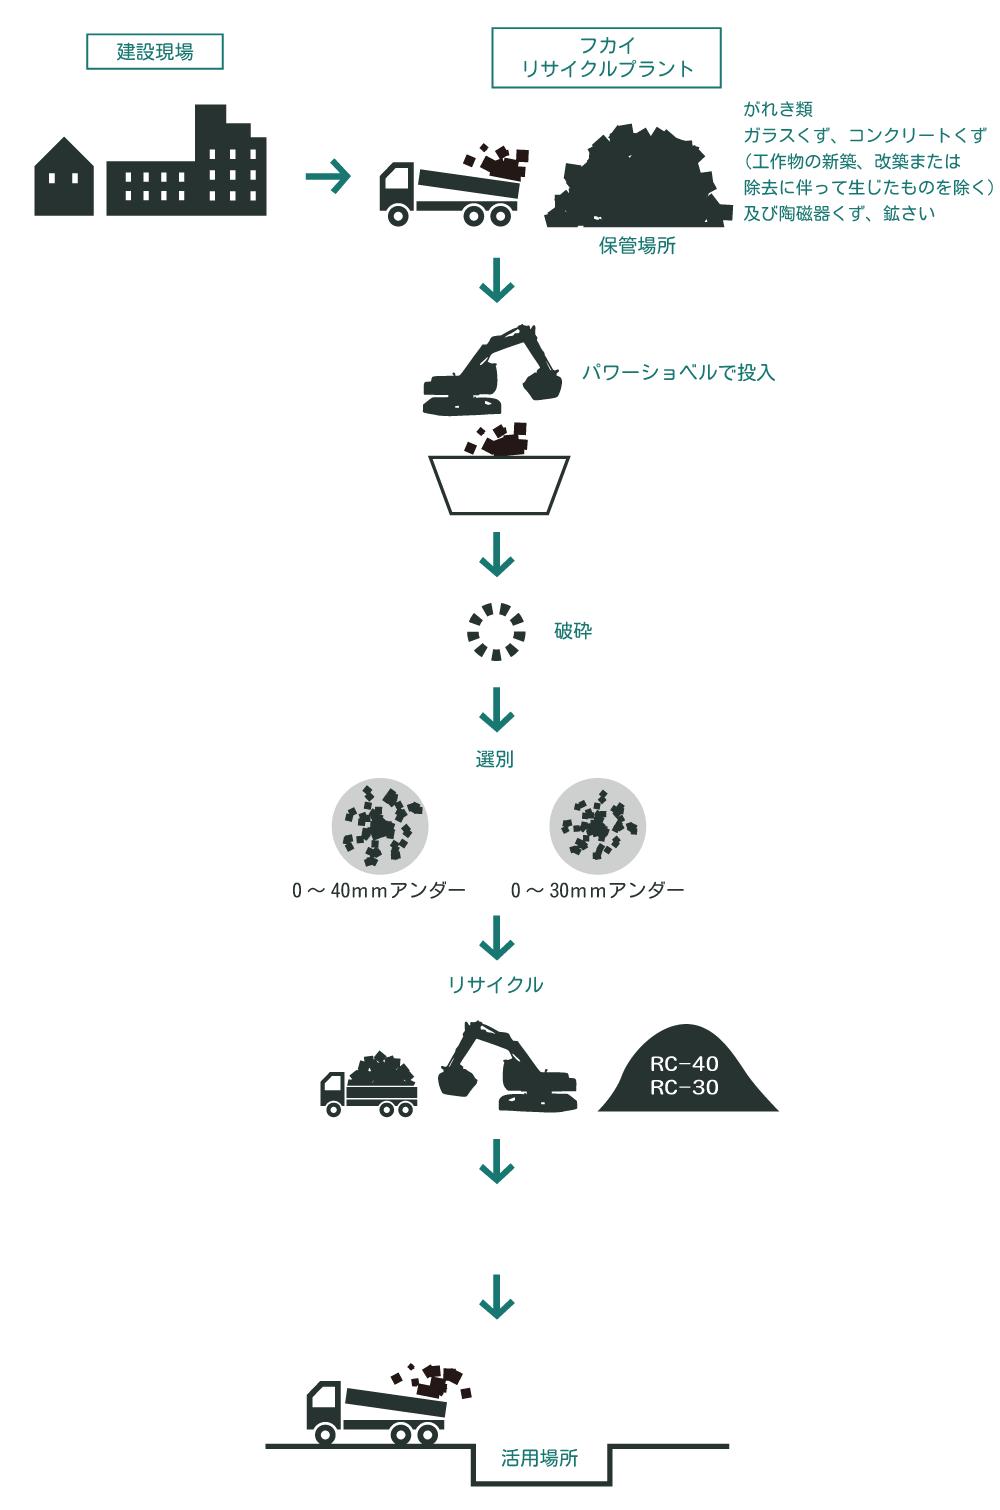 再資源化の流れ